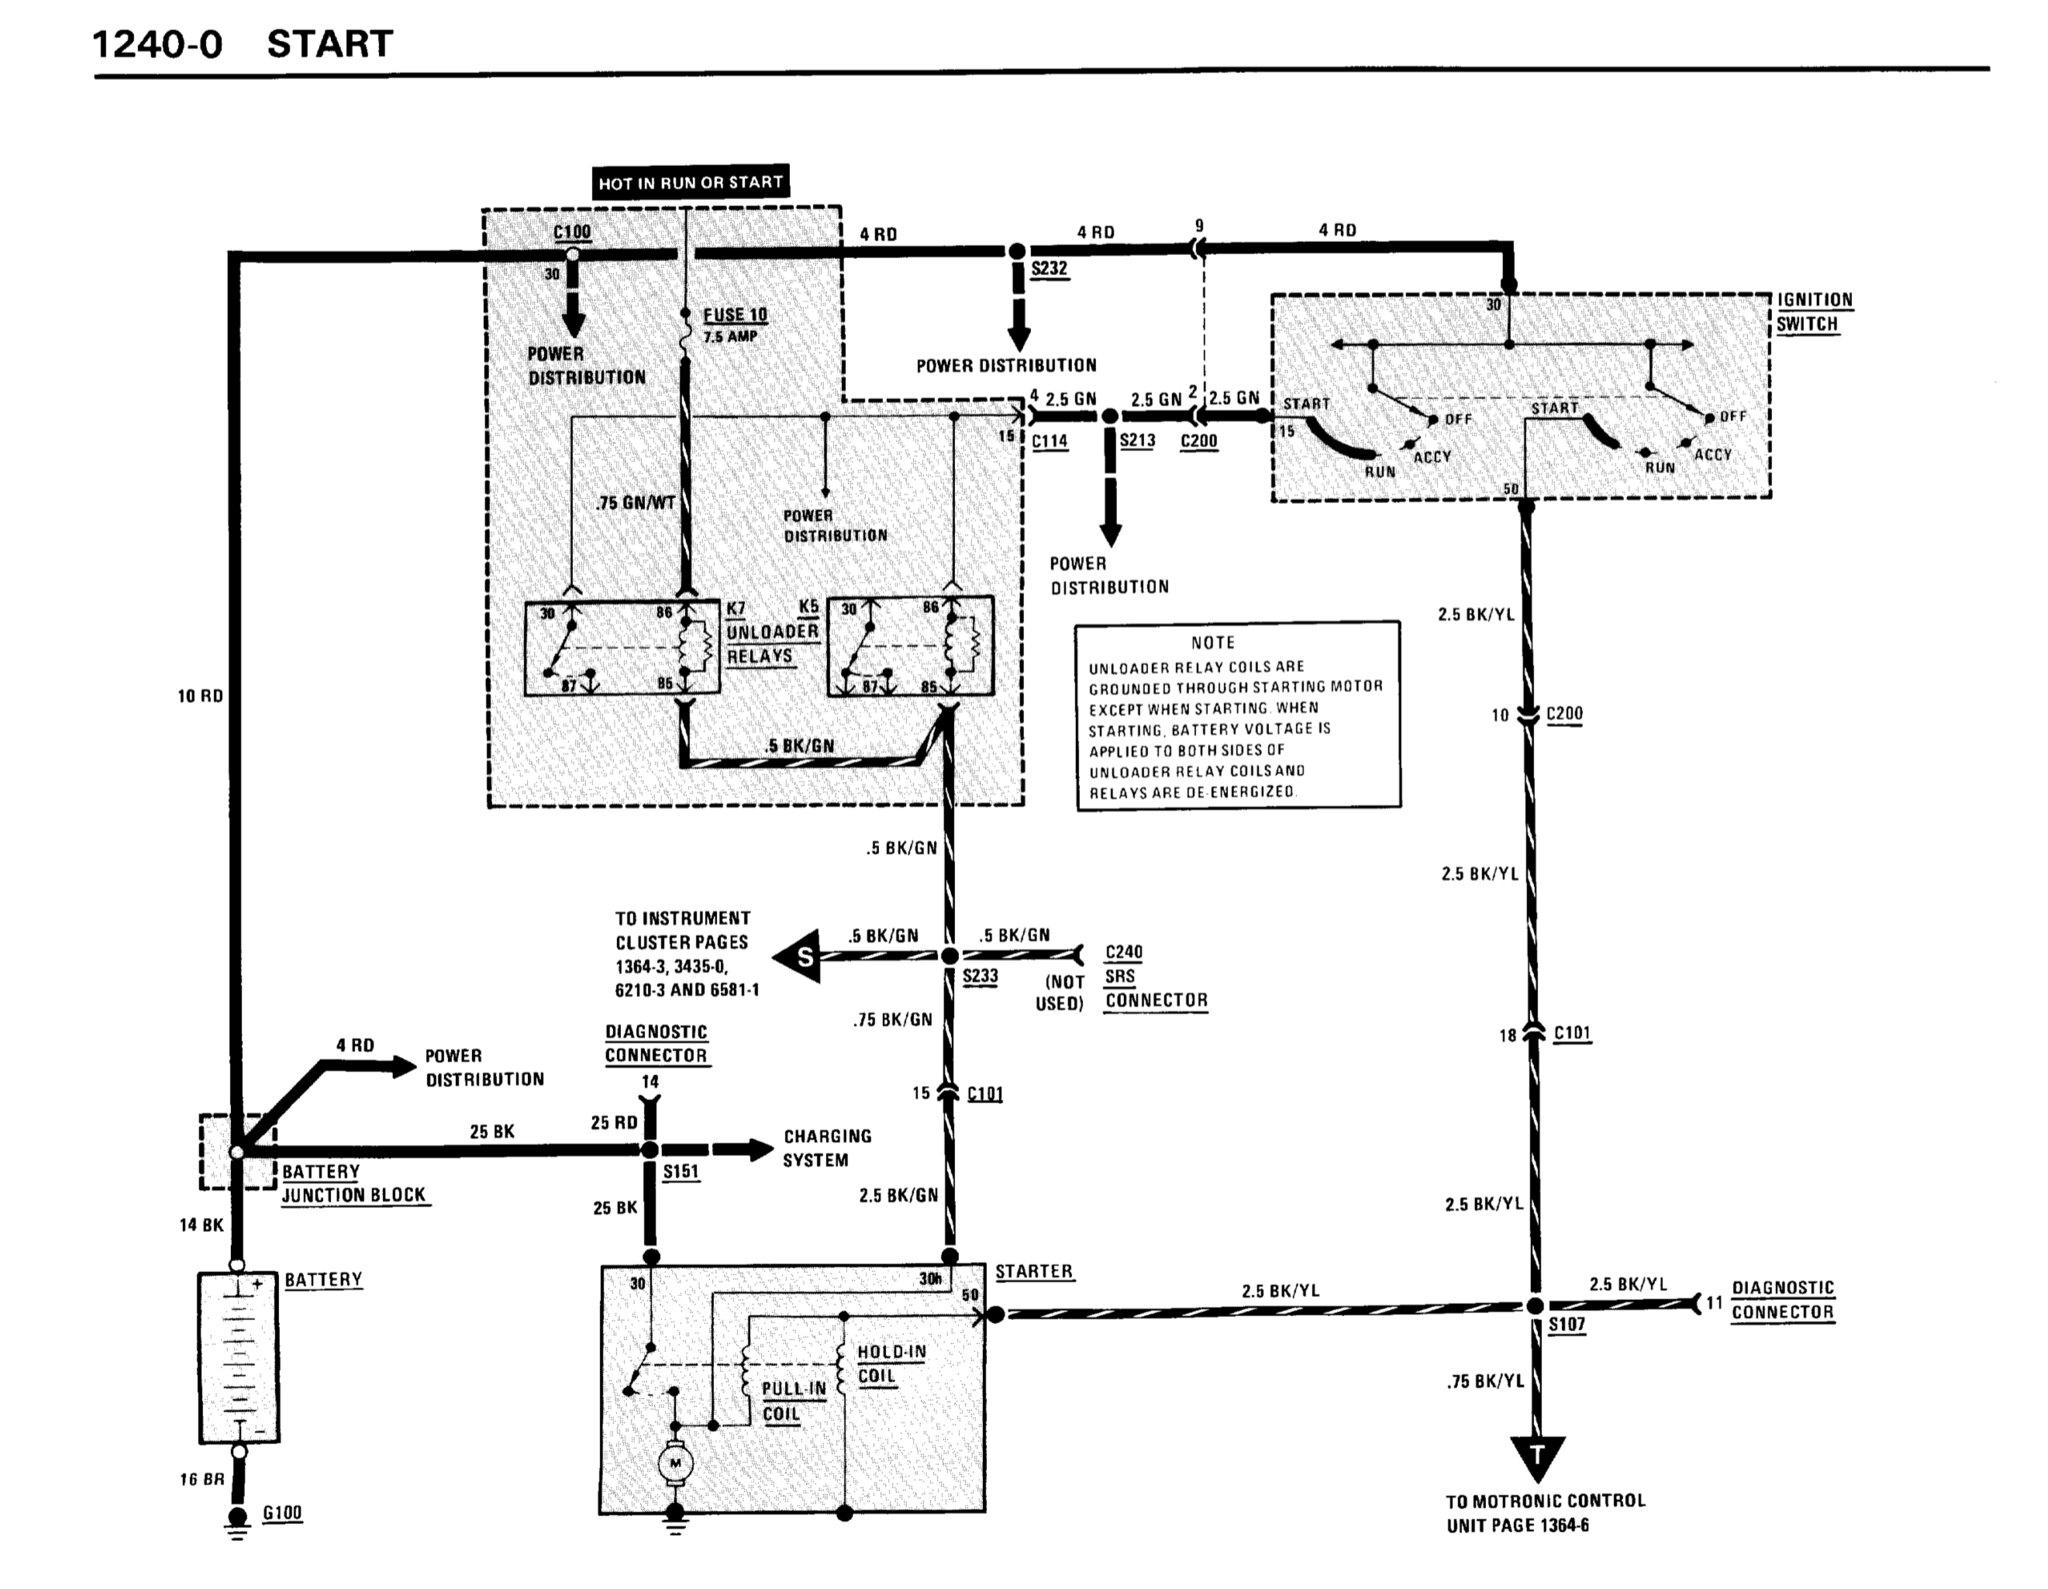 Alternator To Starter Wiring Question